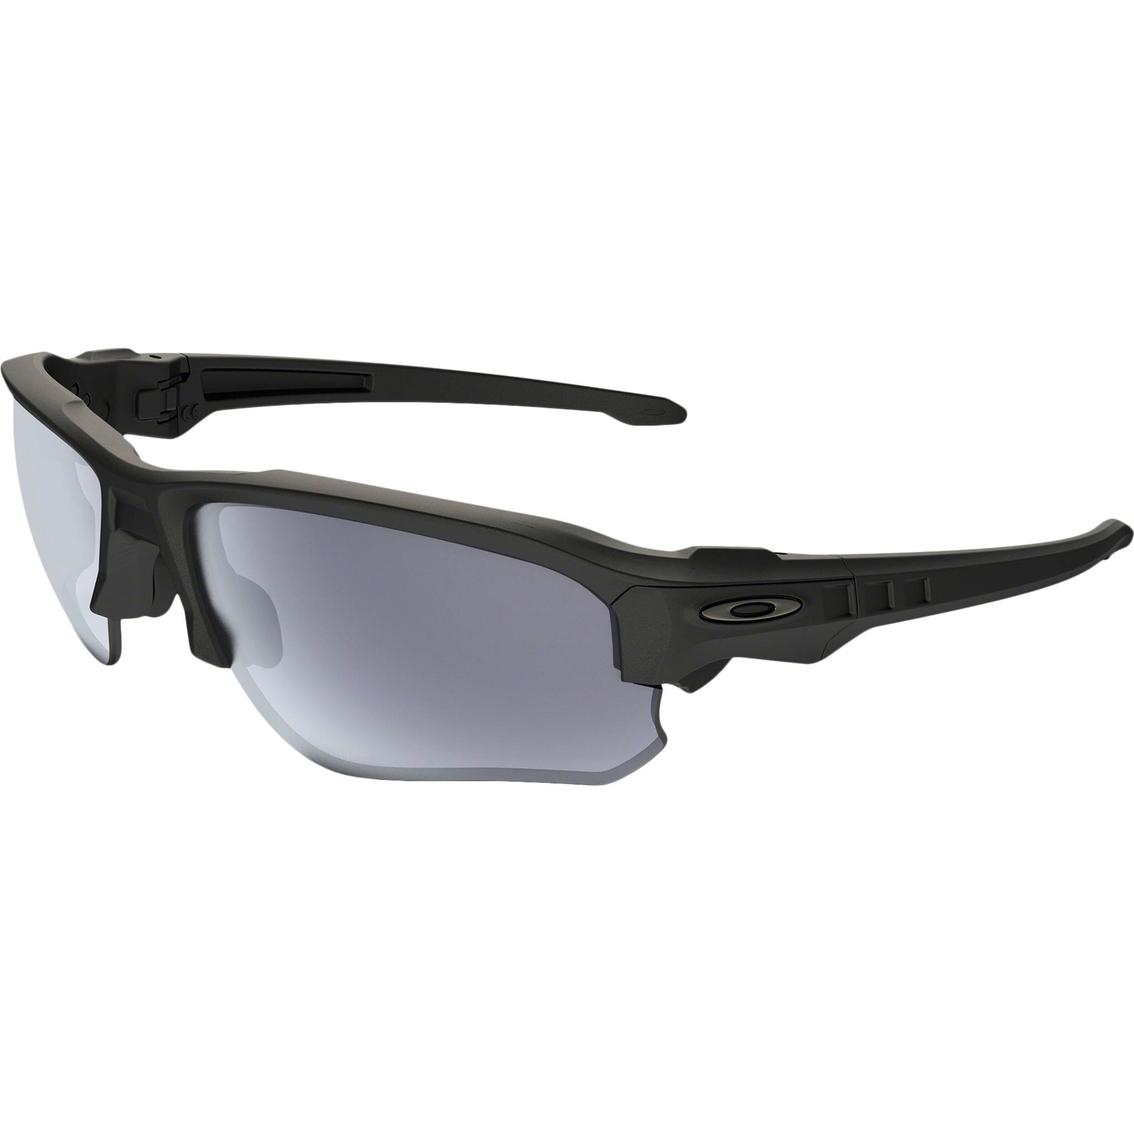 09c9ca44f5b Military Issue Oakley Sunglasses « Heritage Malta